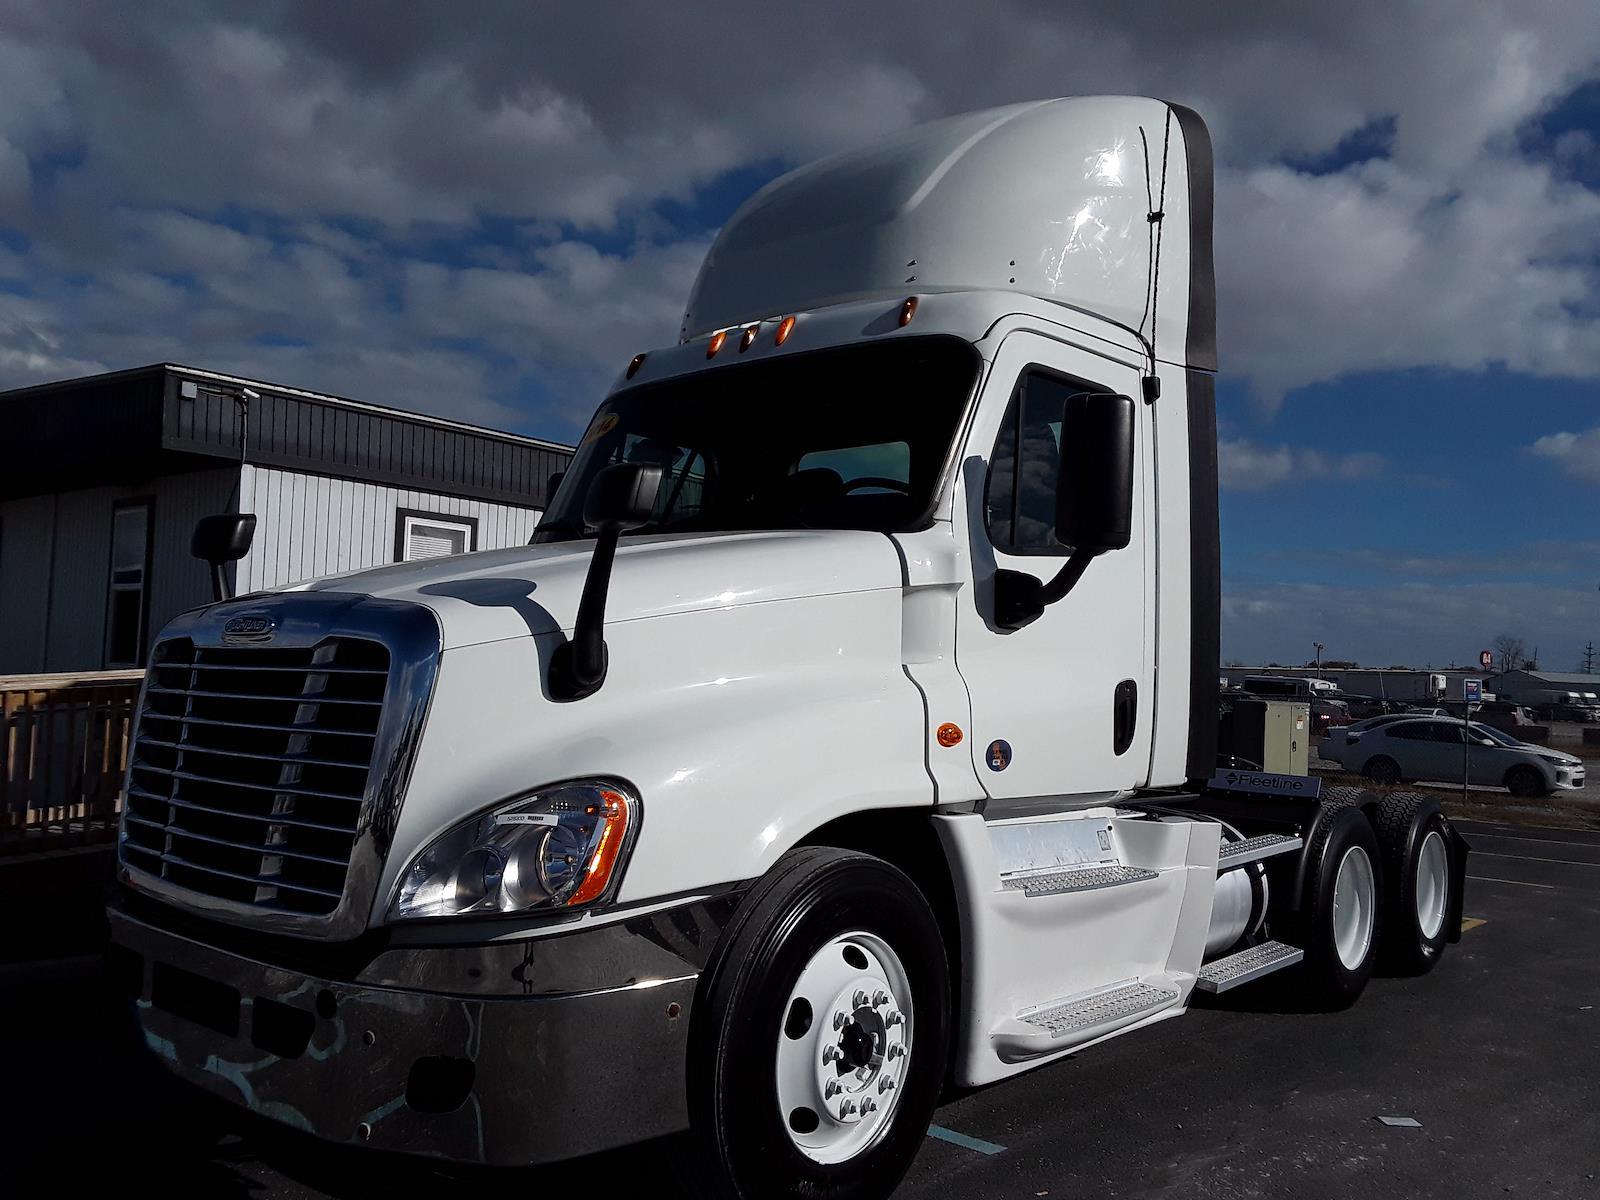 2014 Freightliner Truck 6x4, Tractor #528333 - photo 1